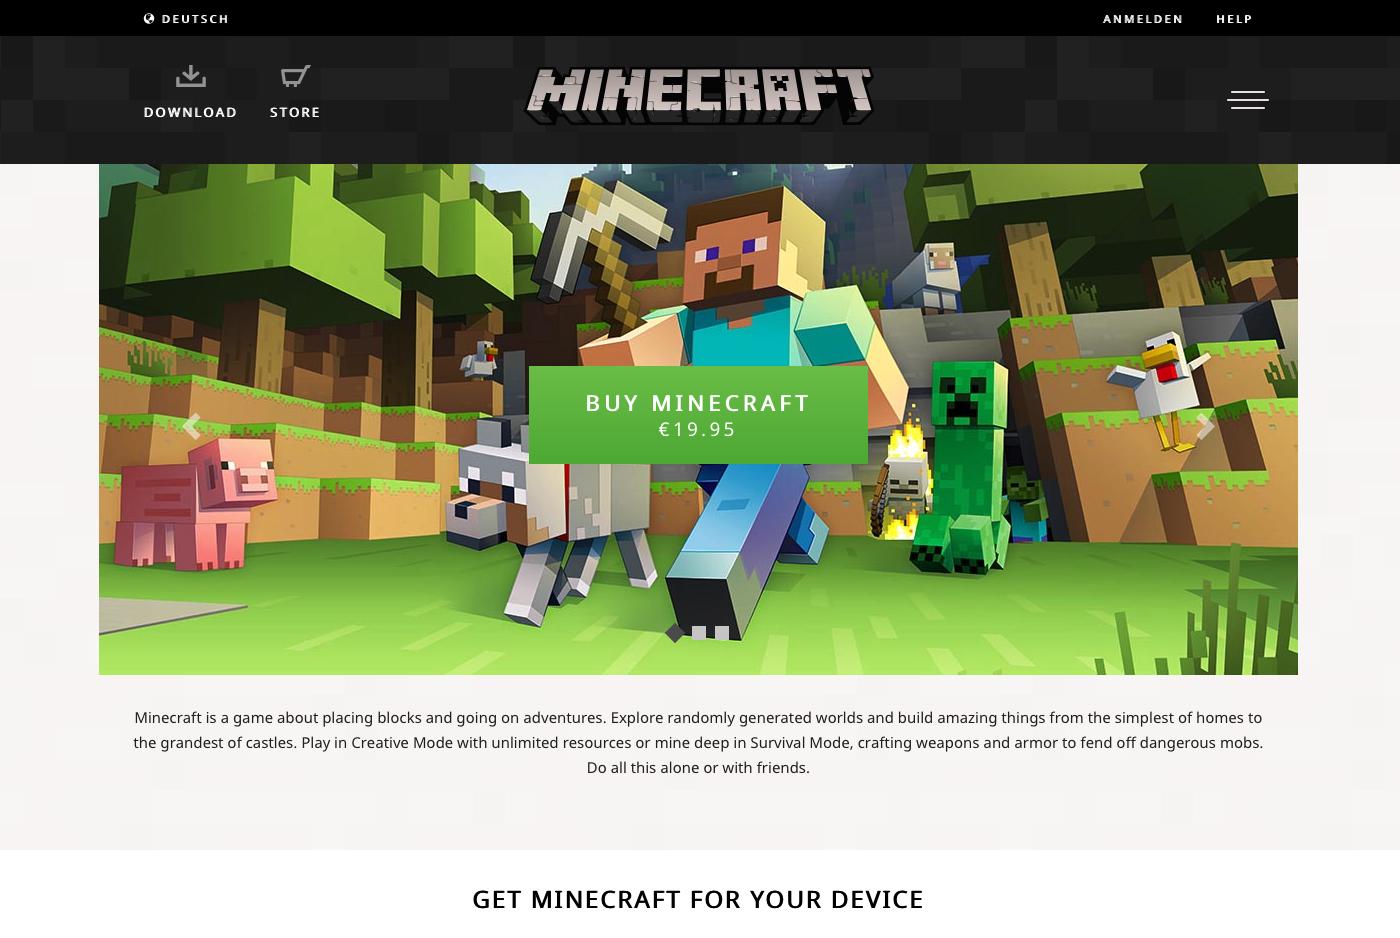 Neues Minecraftnet Design - Minecraft spieler melden